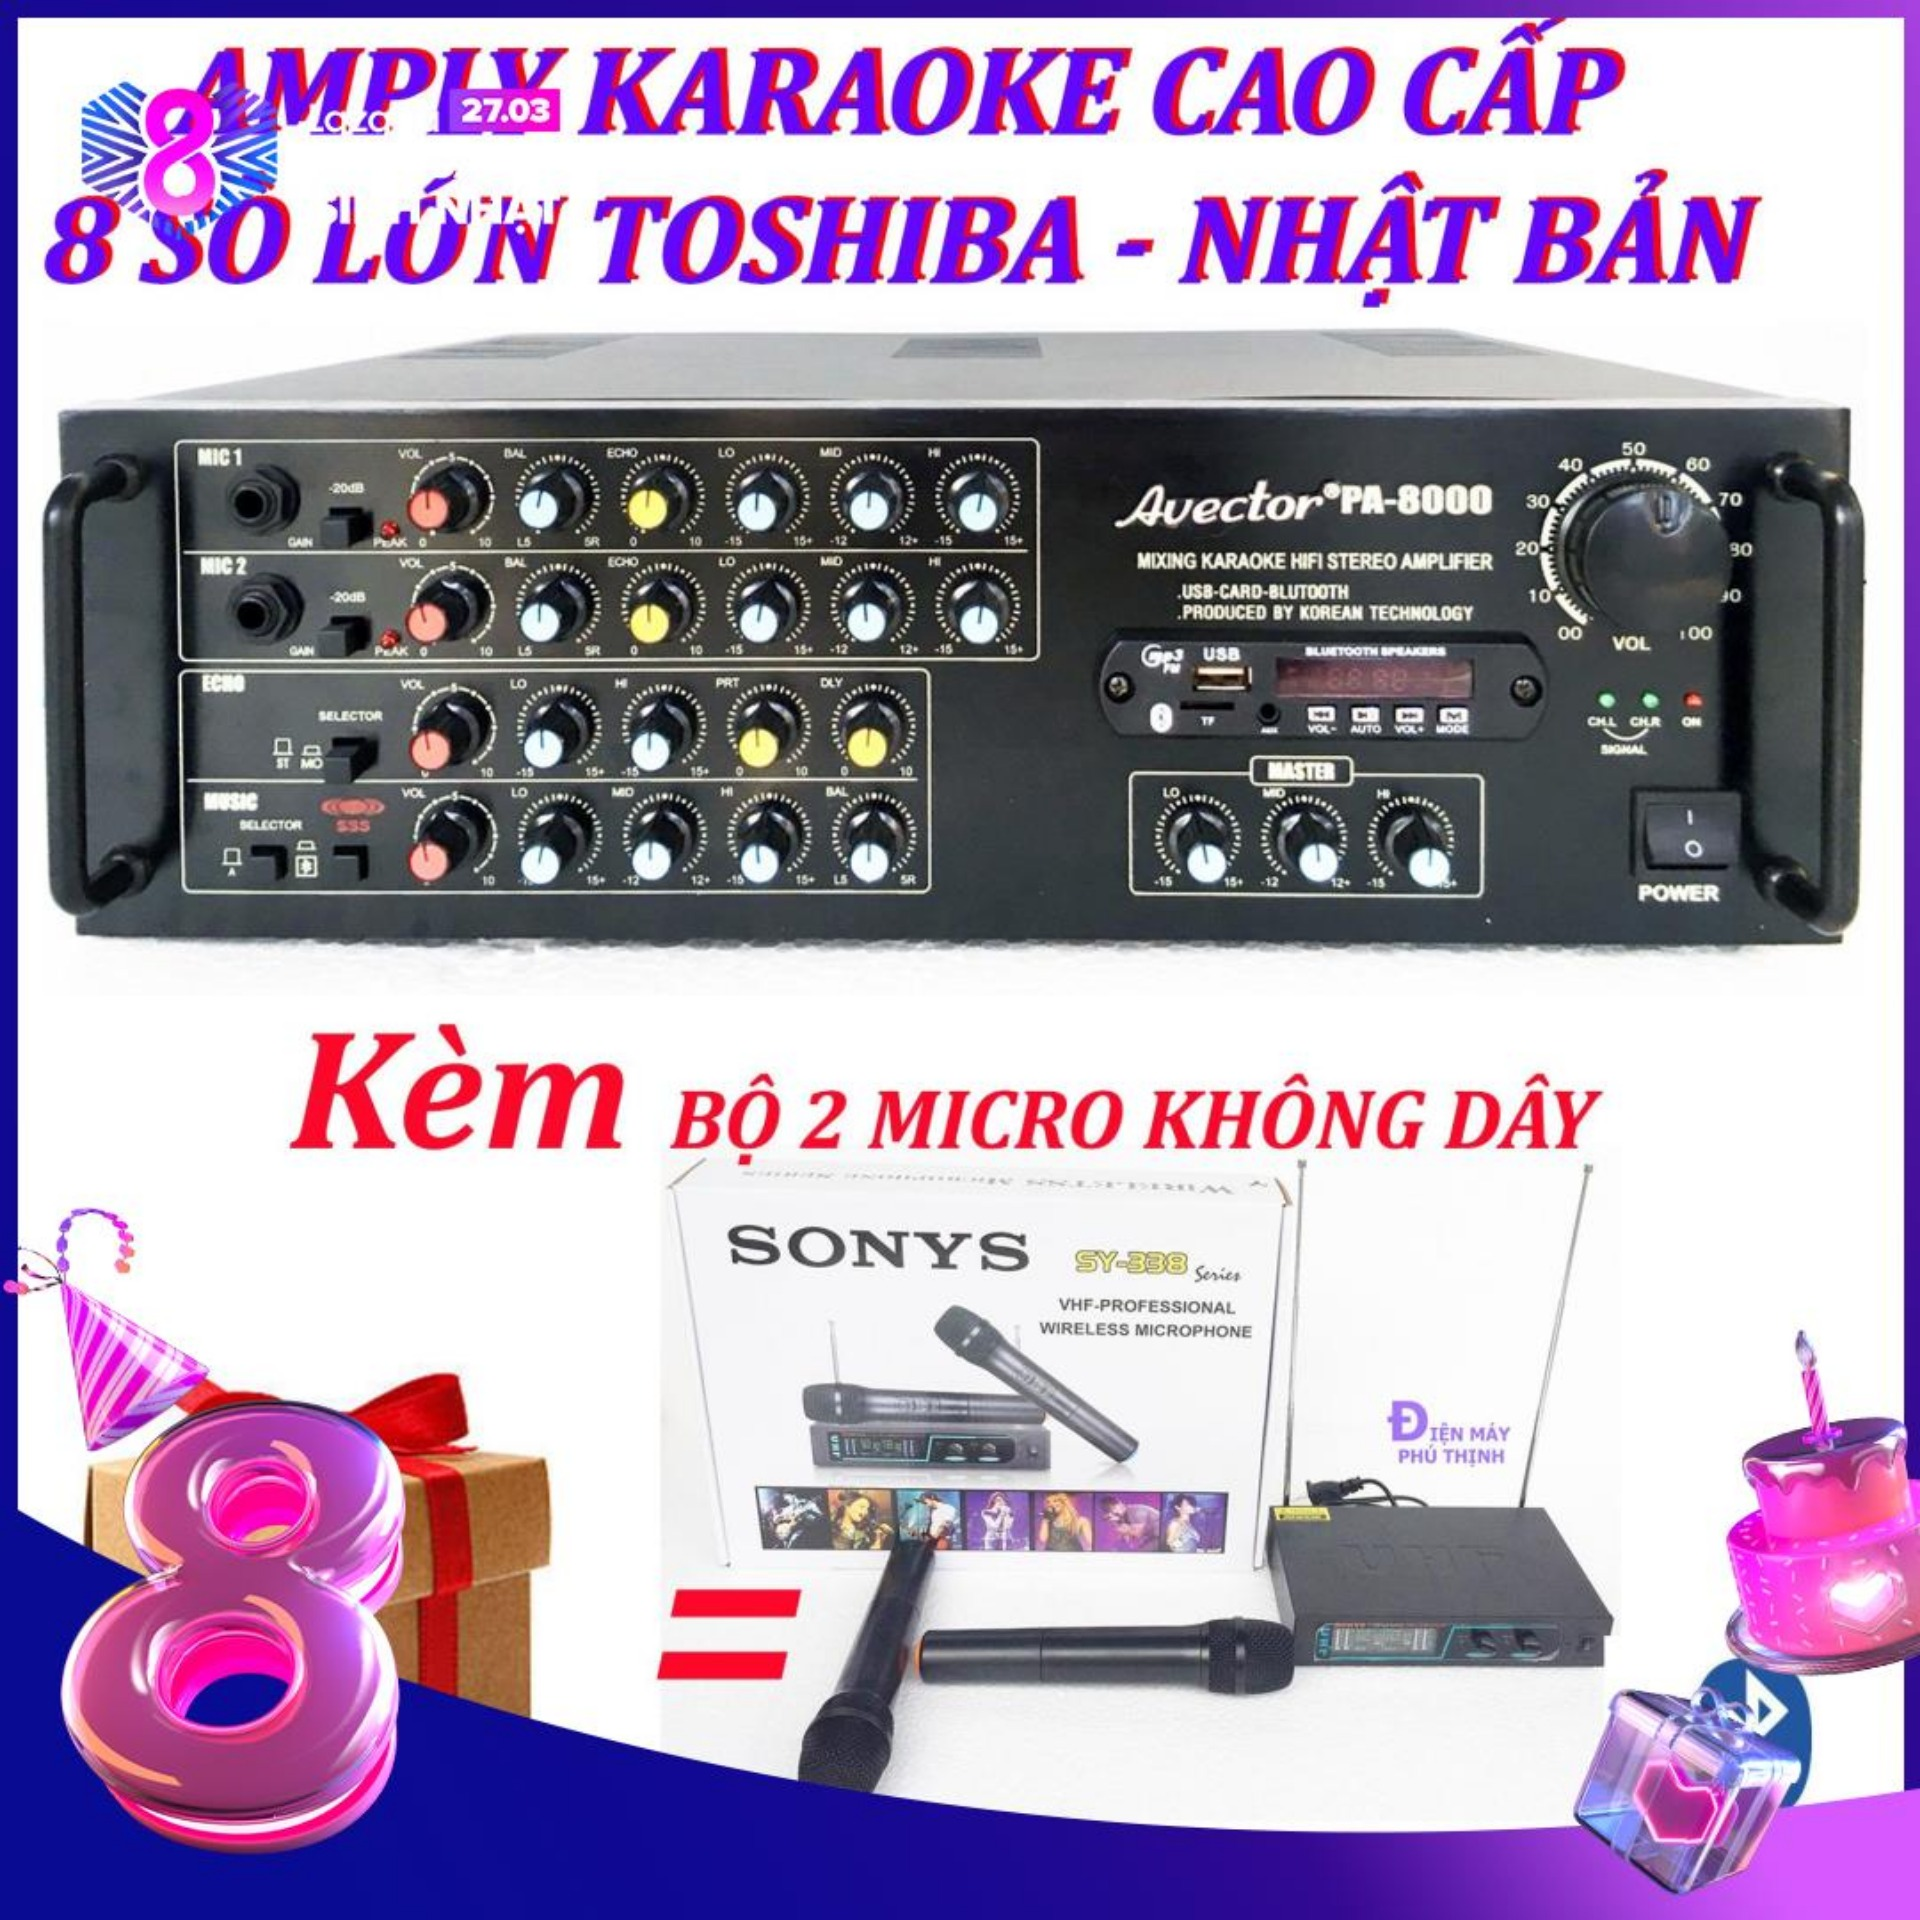 Amply karaoke ampli karaoke amply bluetooth nghe nhạc amply hat karaoke AVECTOR 8000 kèm 2 micro không dây sy338